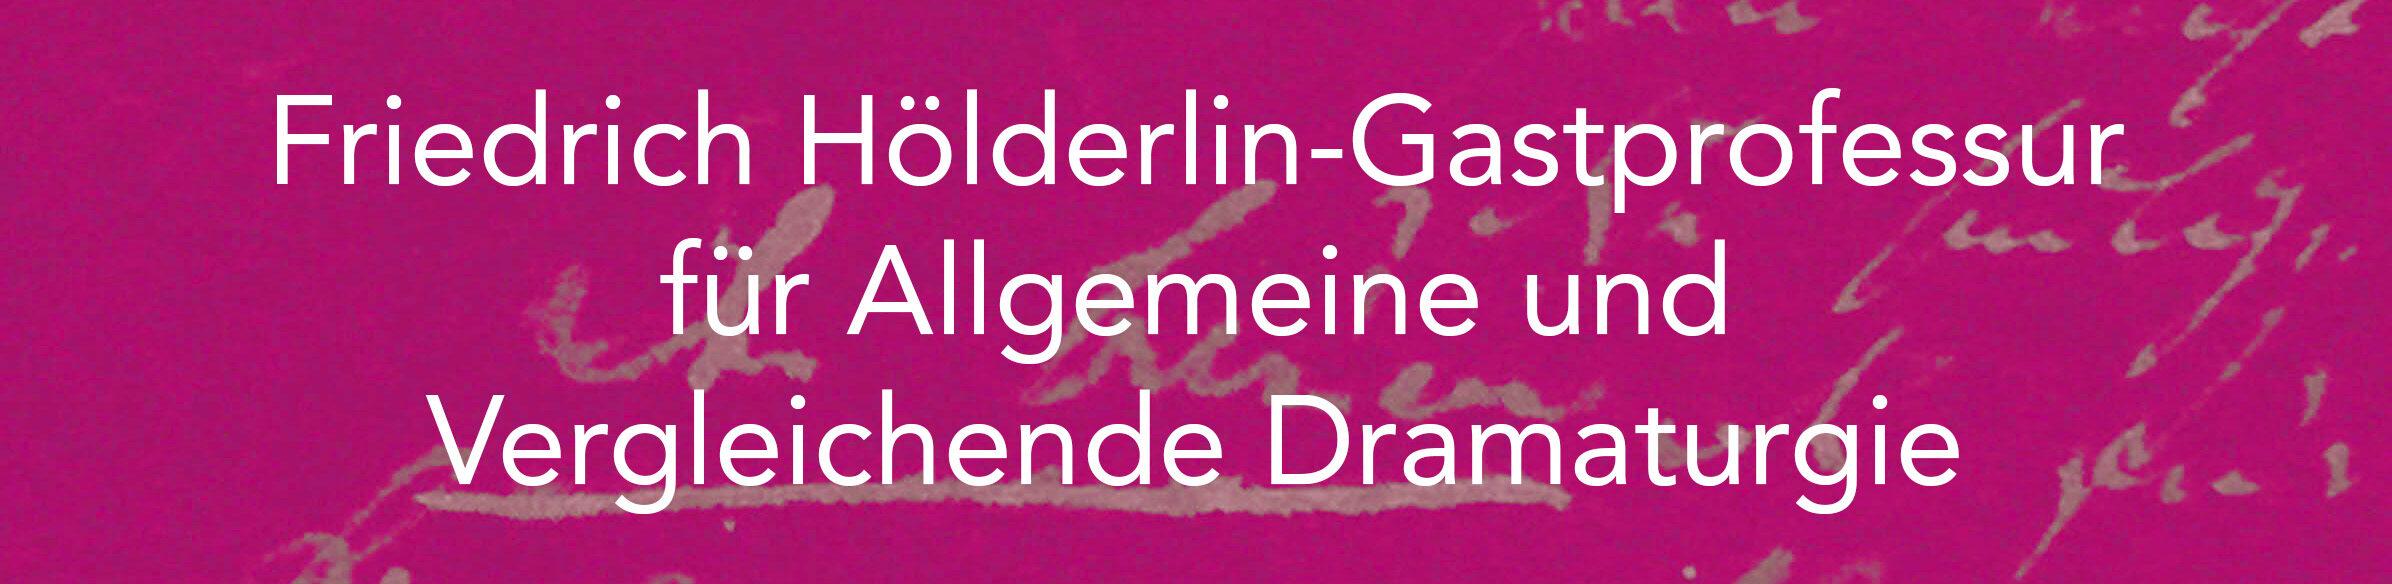 Friedrich Hölderlin-Gastprofessur für Allgemeine und Vergleichende Dramaturgie